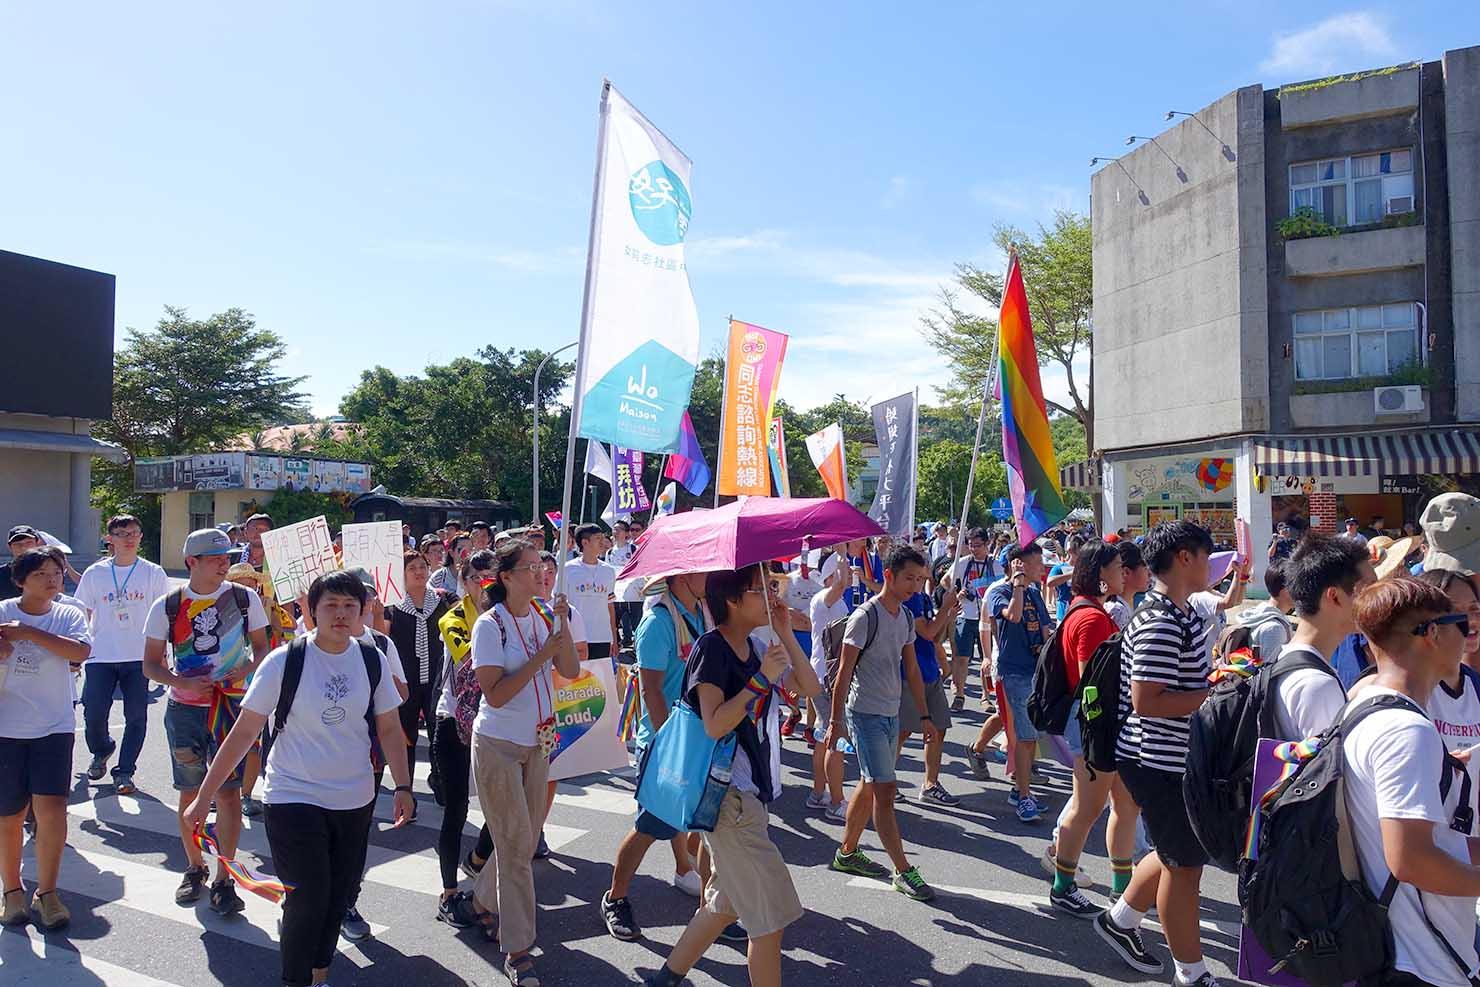 台湾東部のLGBTプライド「花東彩虹嘉年華」でパレードに出発する参加者たち